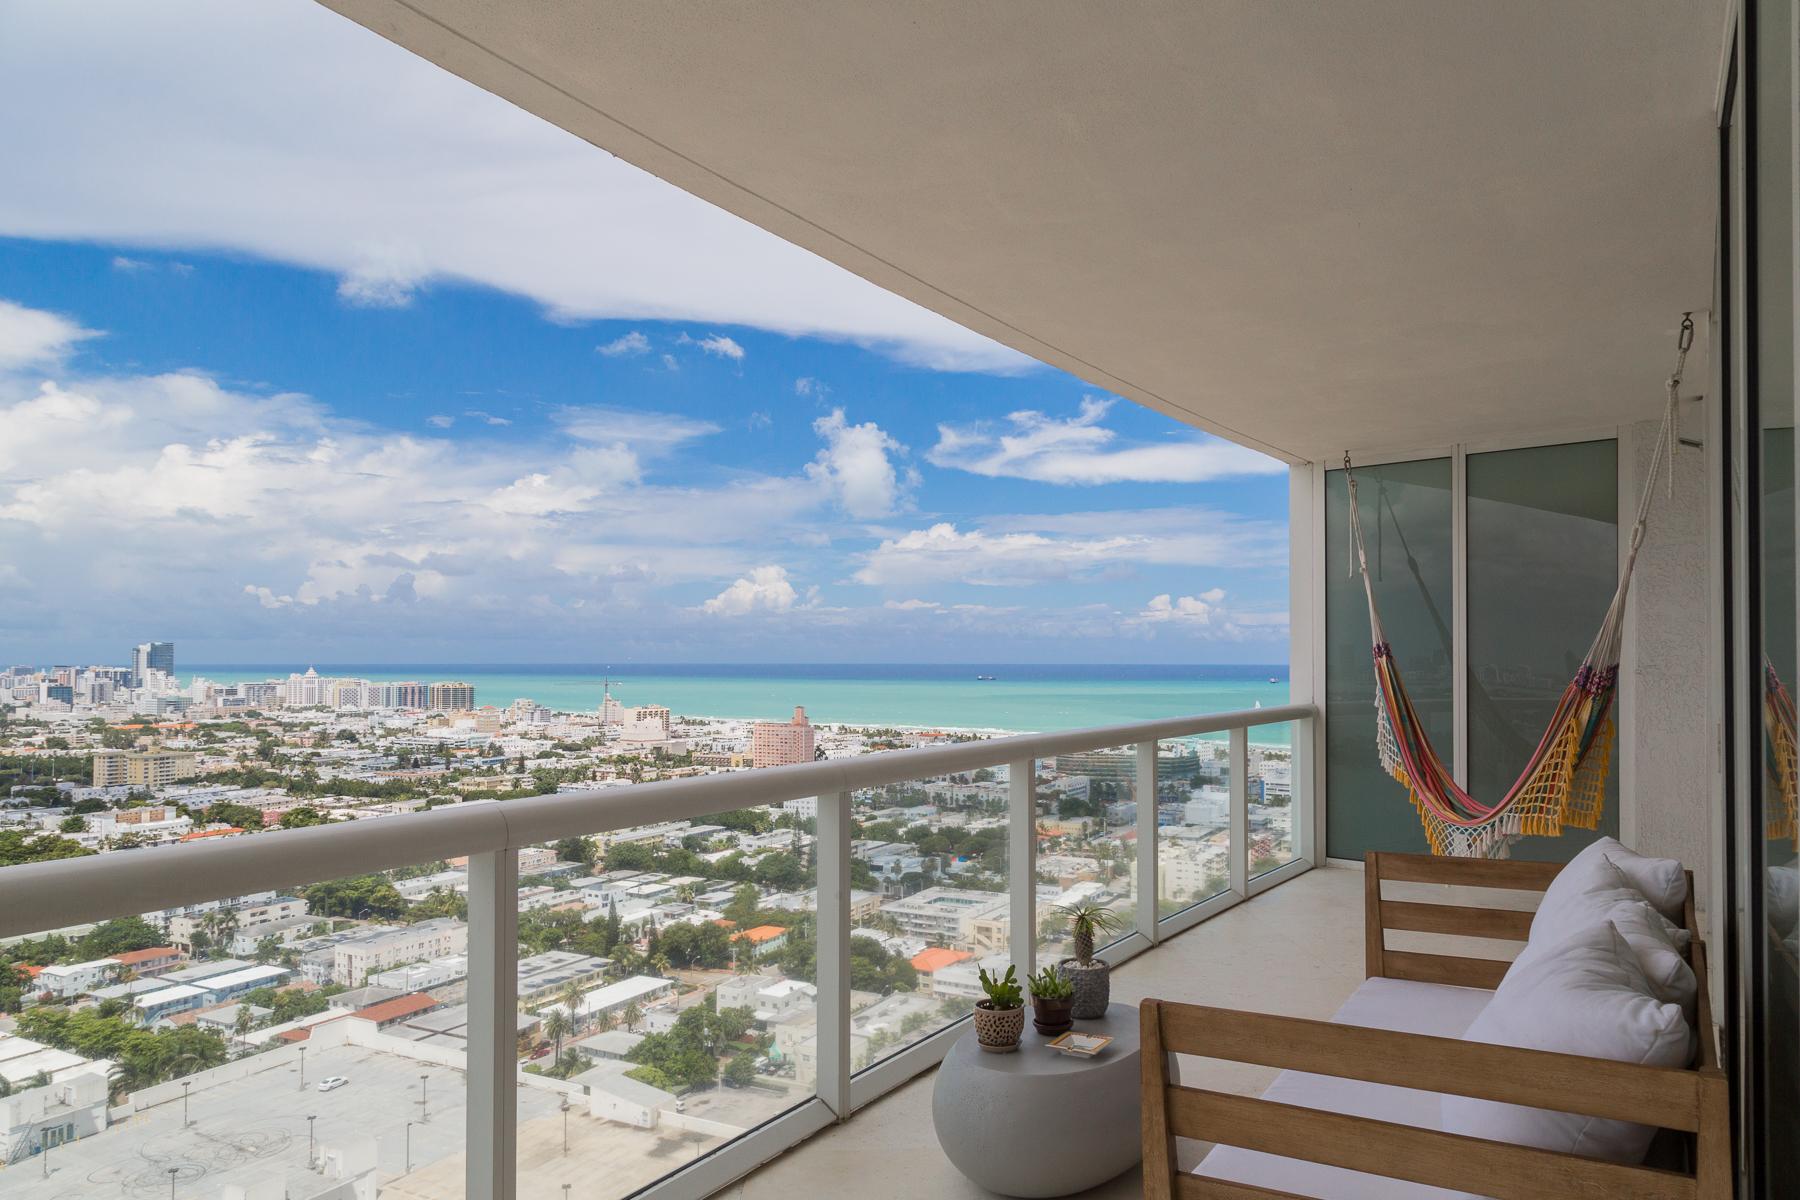 Condomínio para Venda às 450 Alton Rd #3106 450 Alton Rd 3106 Miami Beach, Florida, 33139 Estados Unidos